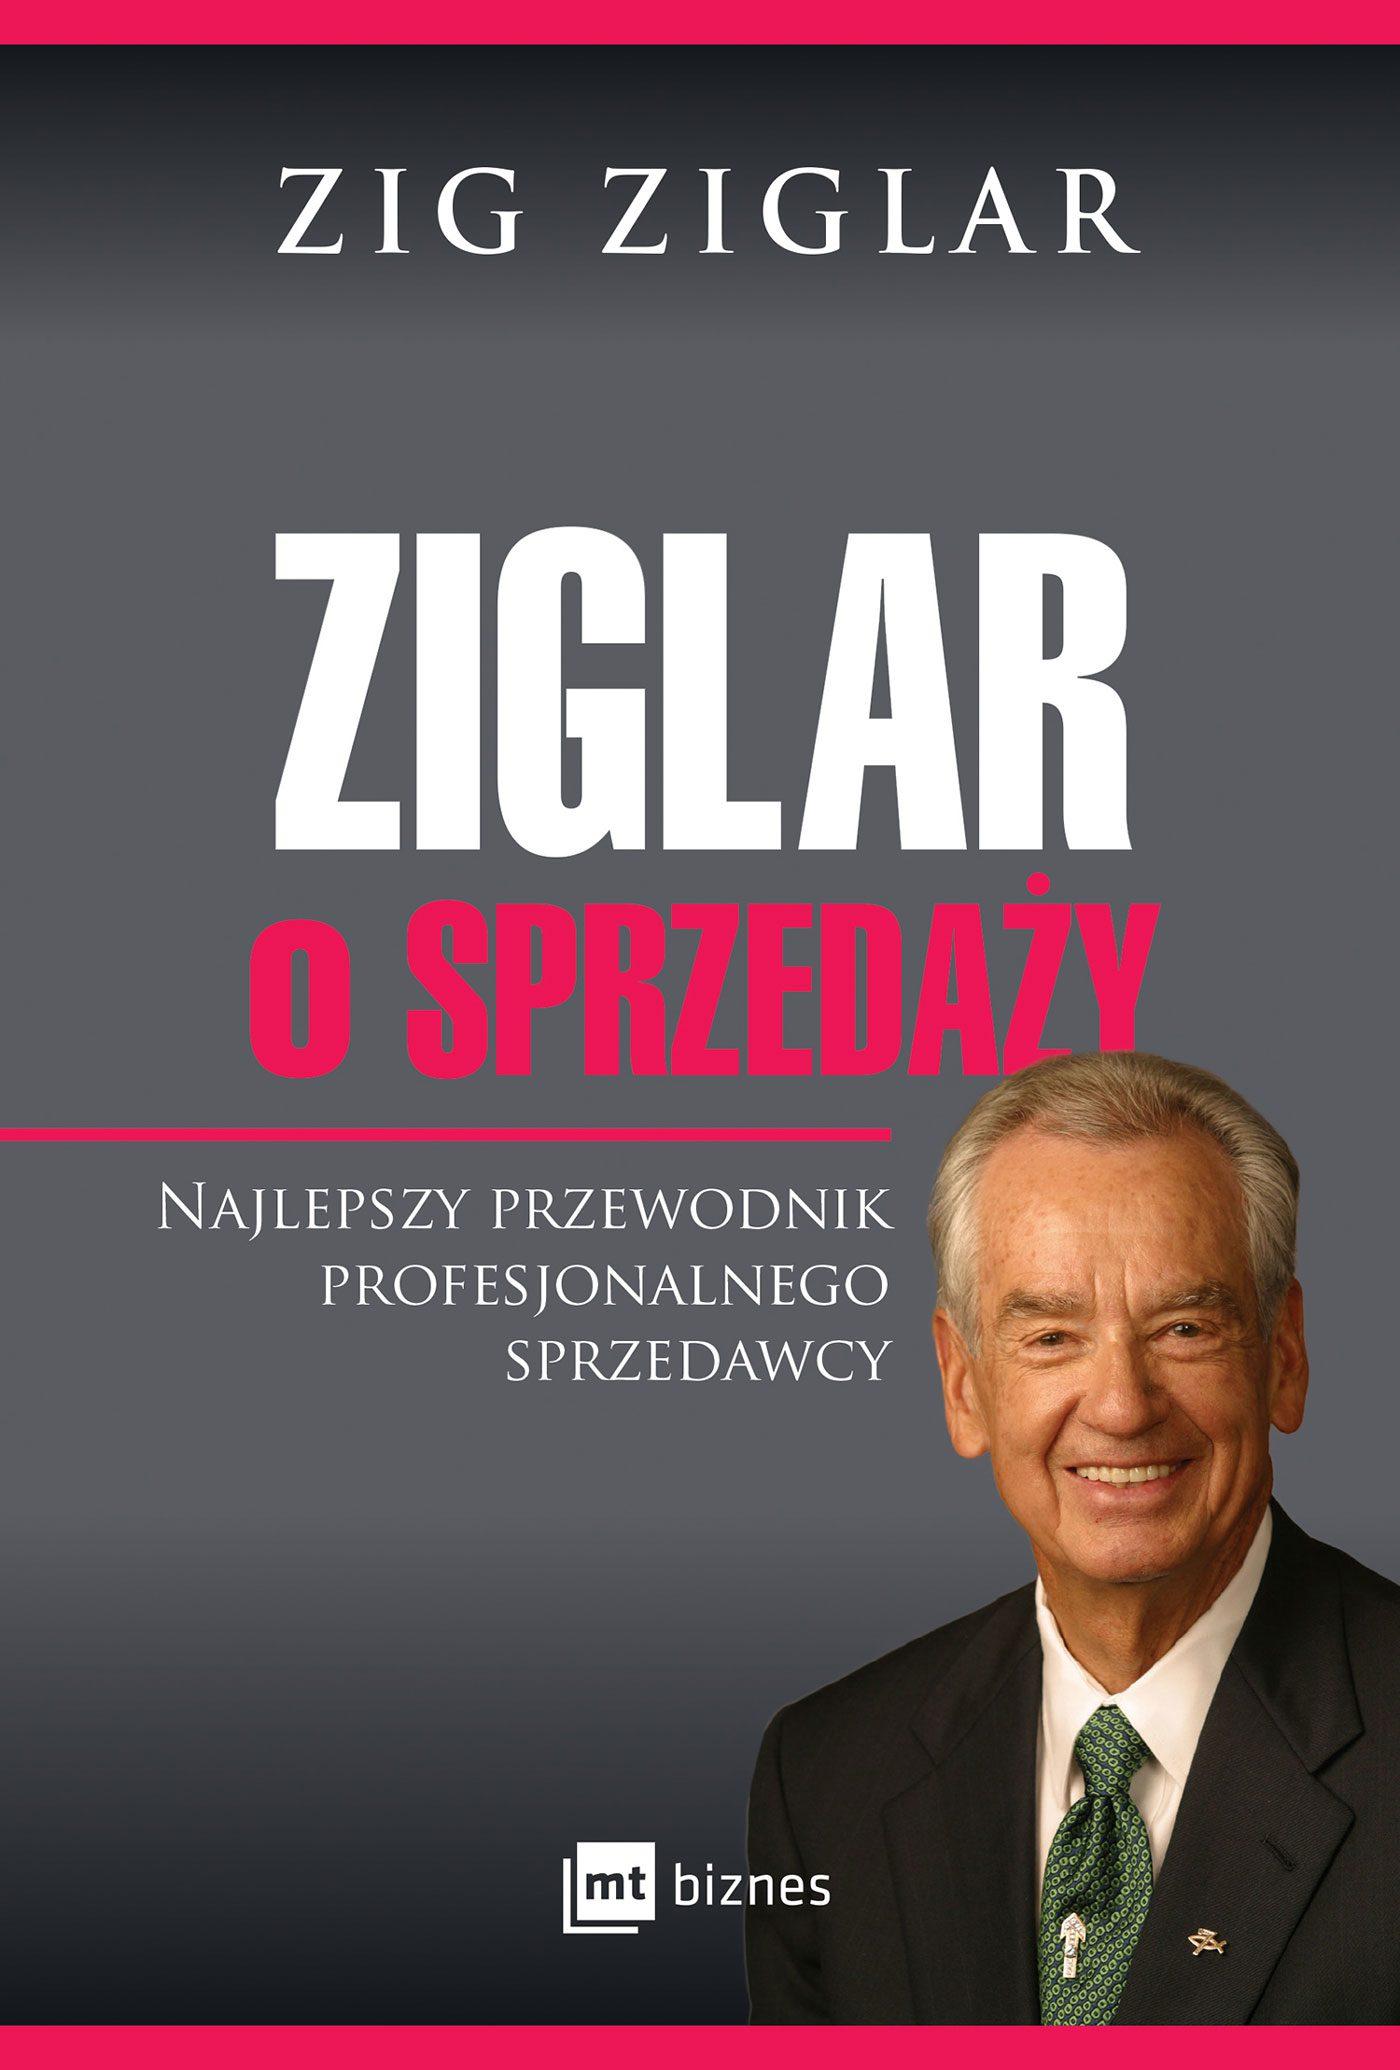 Ziglar o sprzedaży - Ebook (Książka EPUB) do pobrania w formacie EPUB